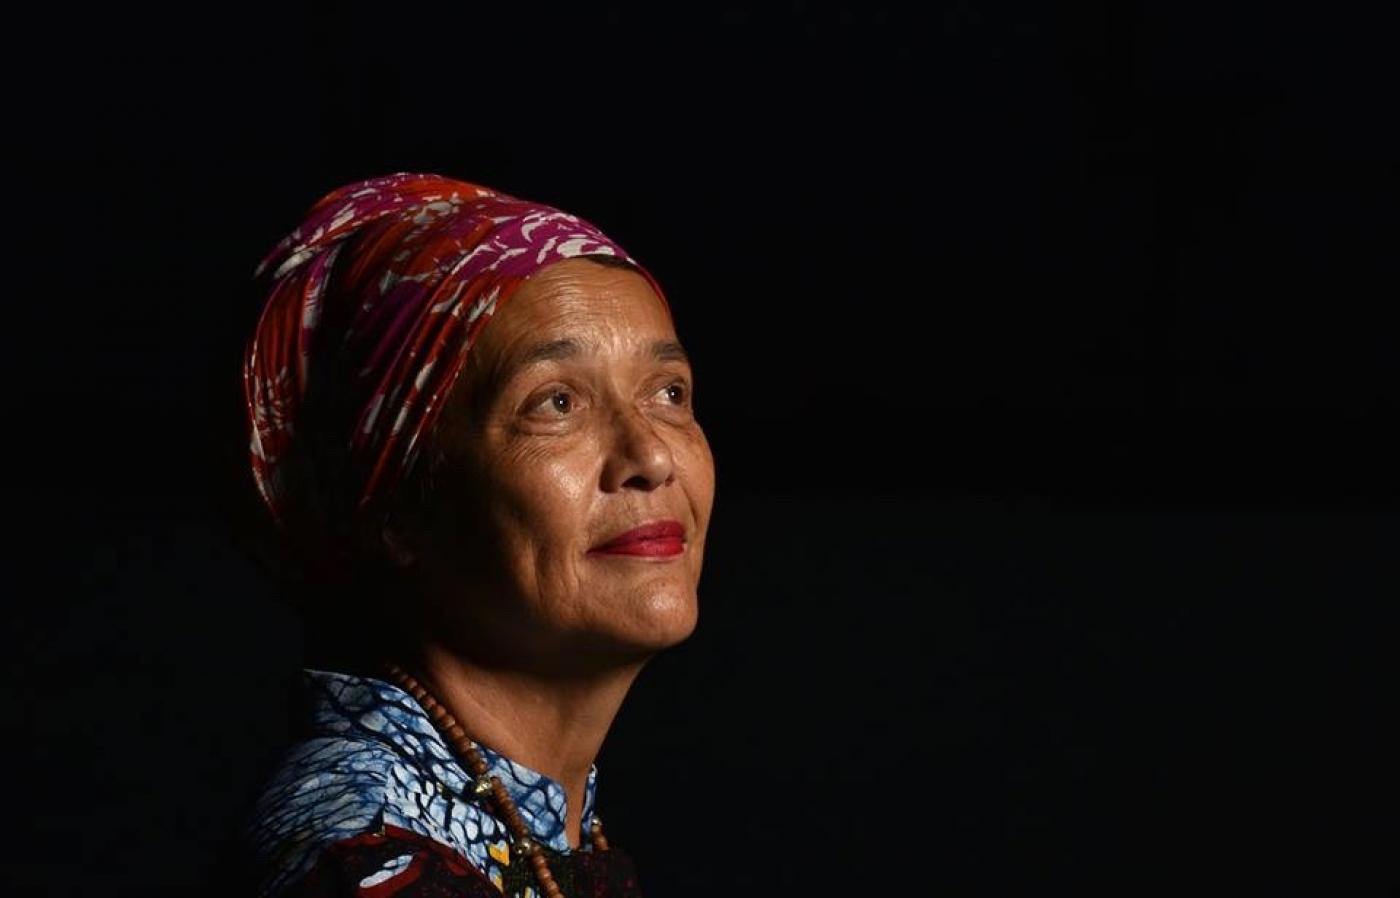 Ce sont les femmes marocaines des classes populaires qui montrent le chemin des luttes pour l'égalité et contre l'oppression -